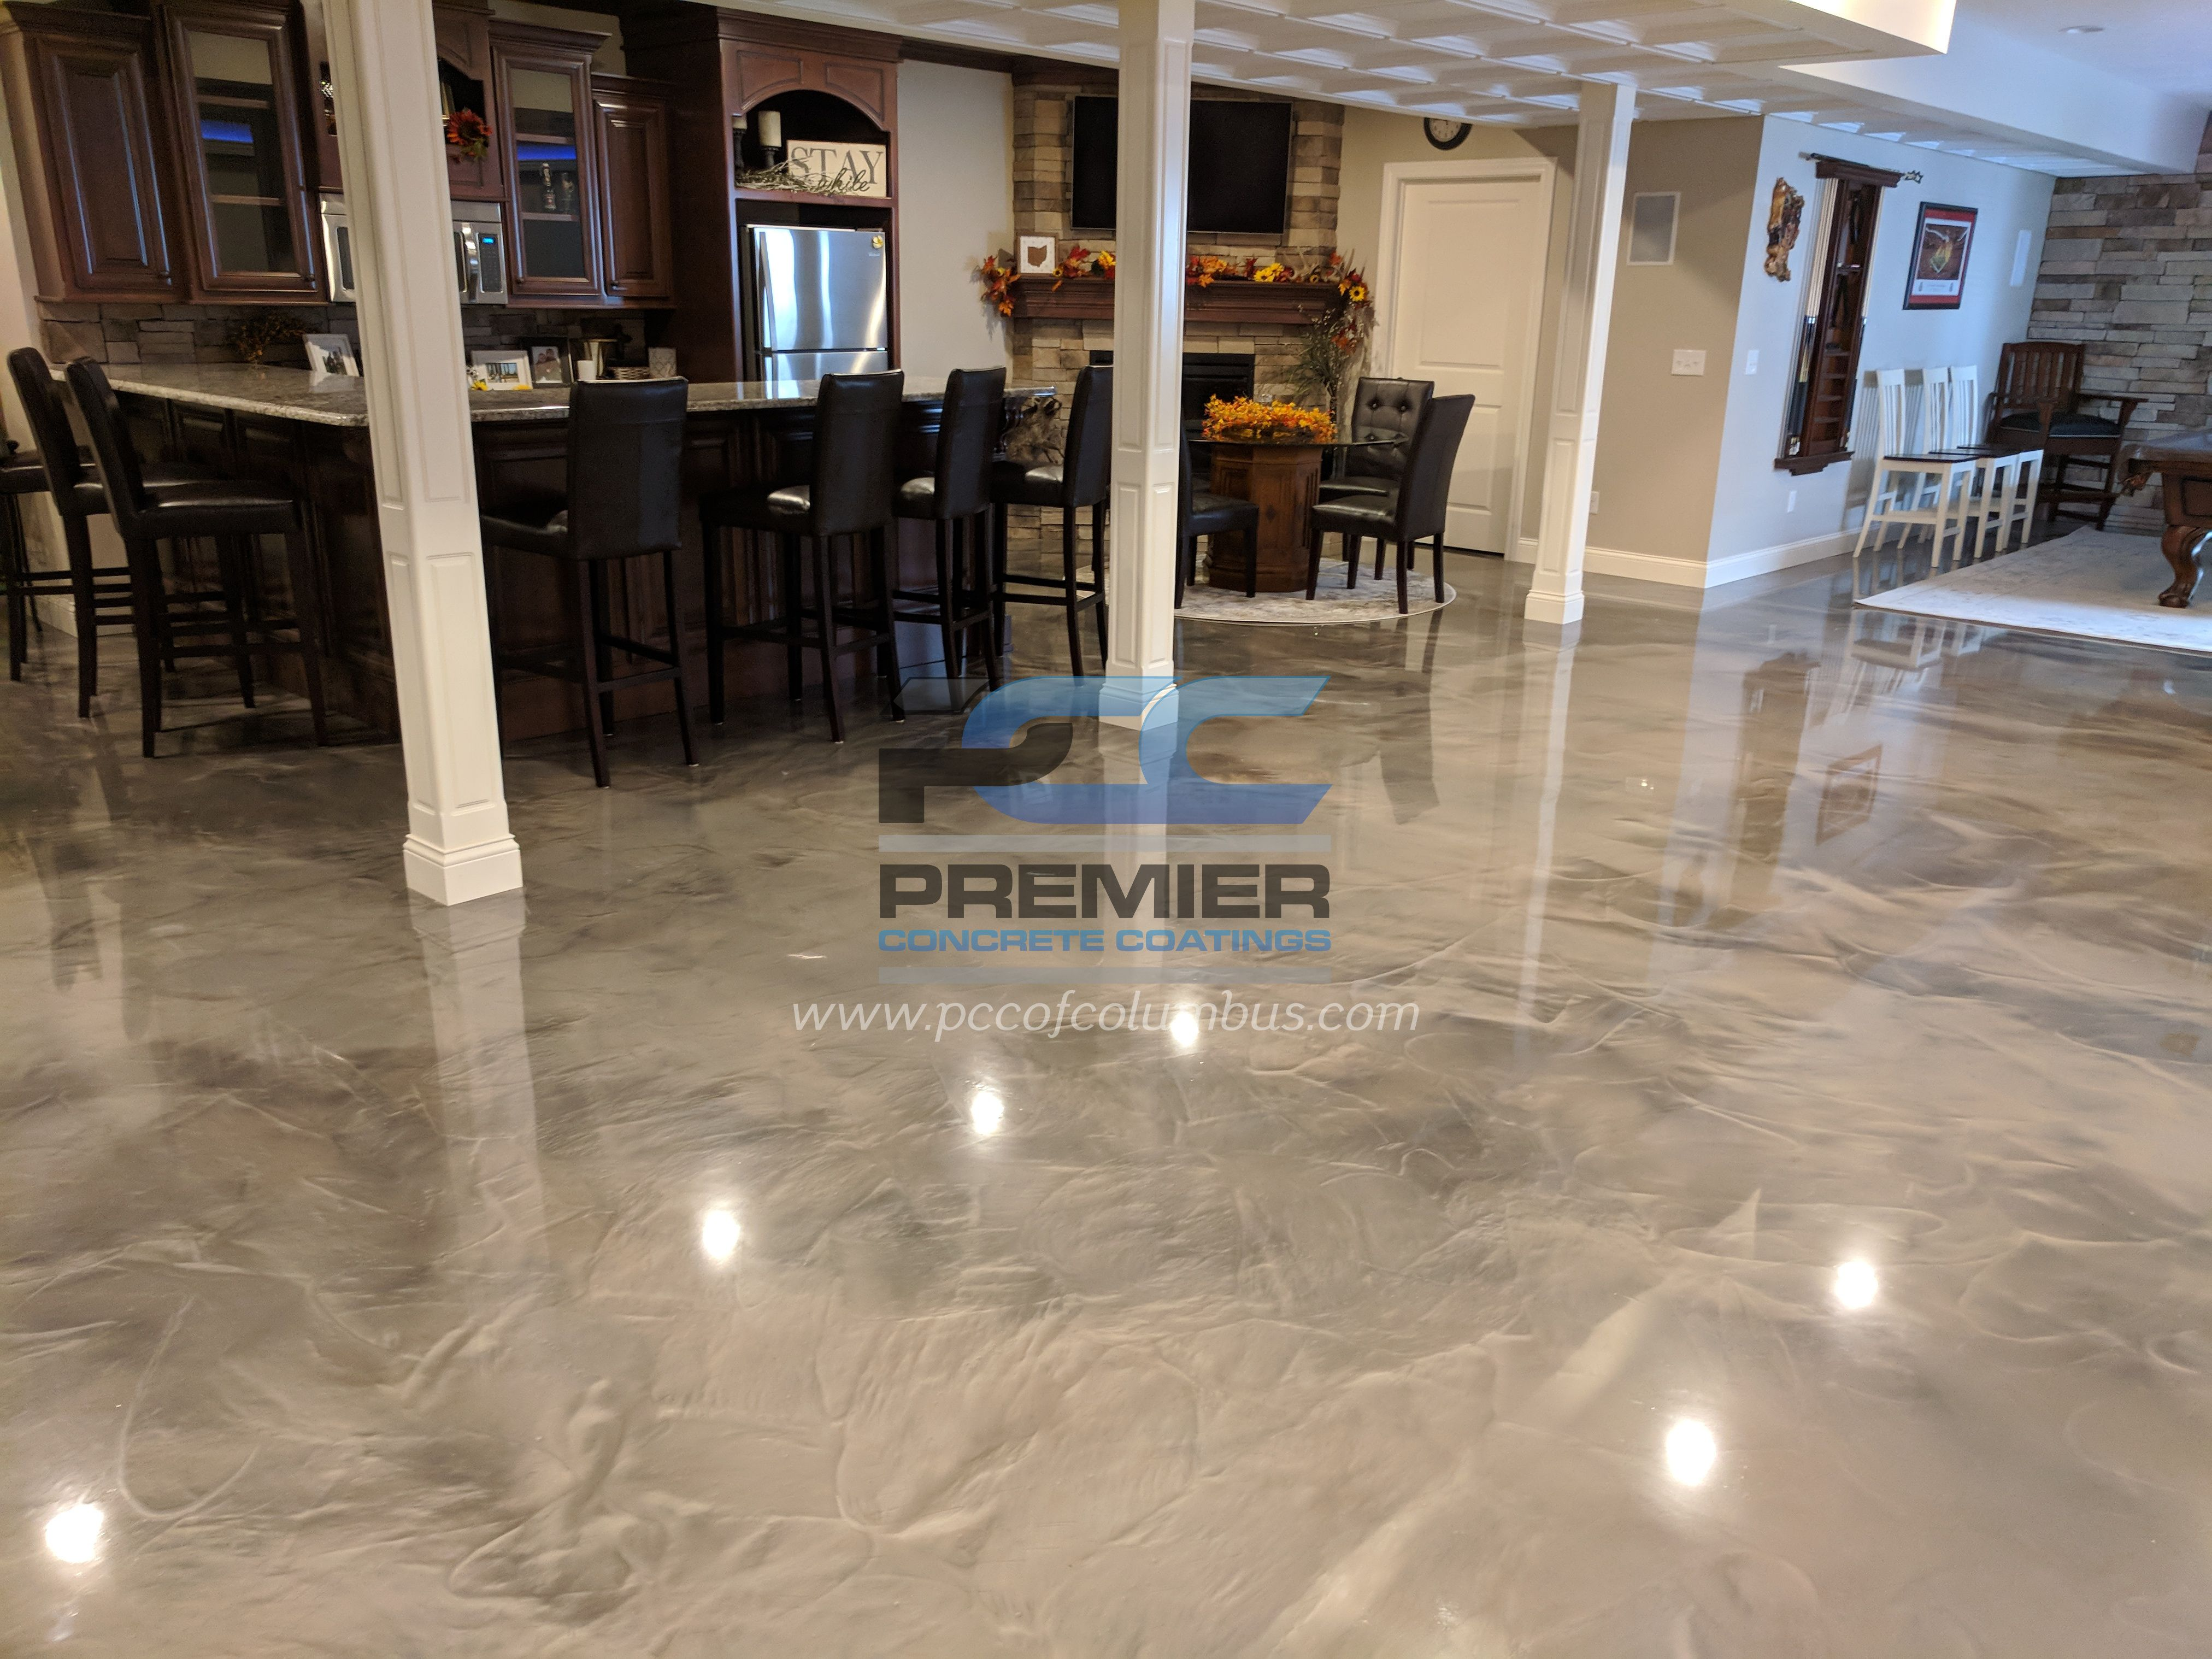 Metallic Epoxy Flooring Pcc Columbus Ohio In 2020 Epoxy Floor Flooring Epoxy